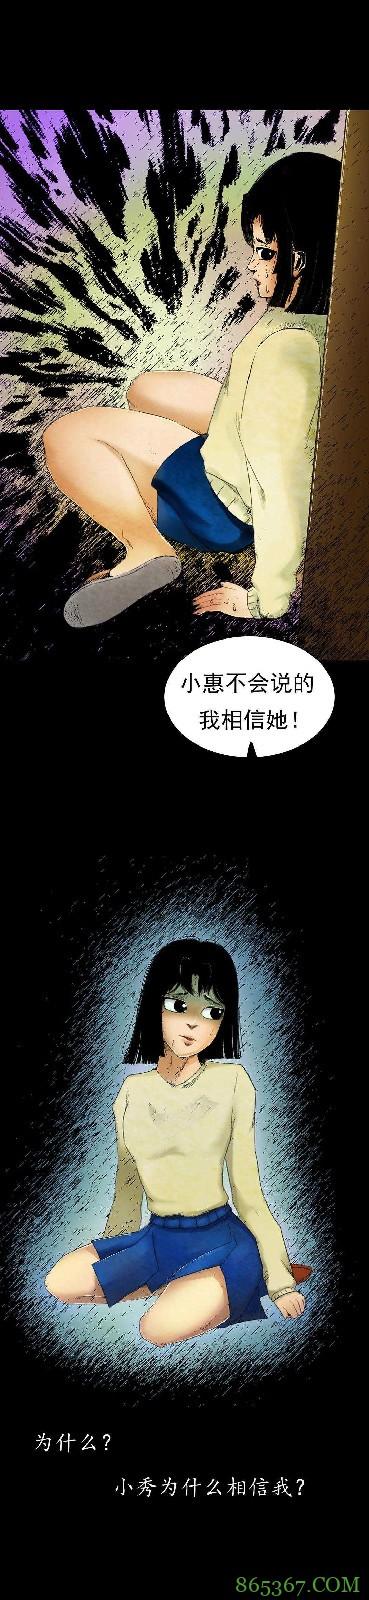 恐怖漫画《丑陋的妖精》 妖精与人类做朋友获重生